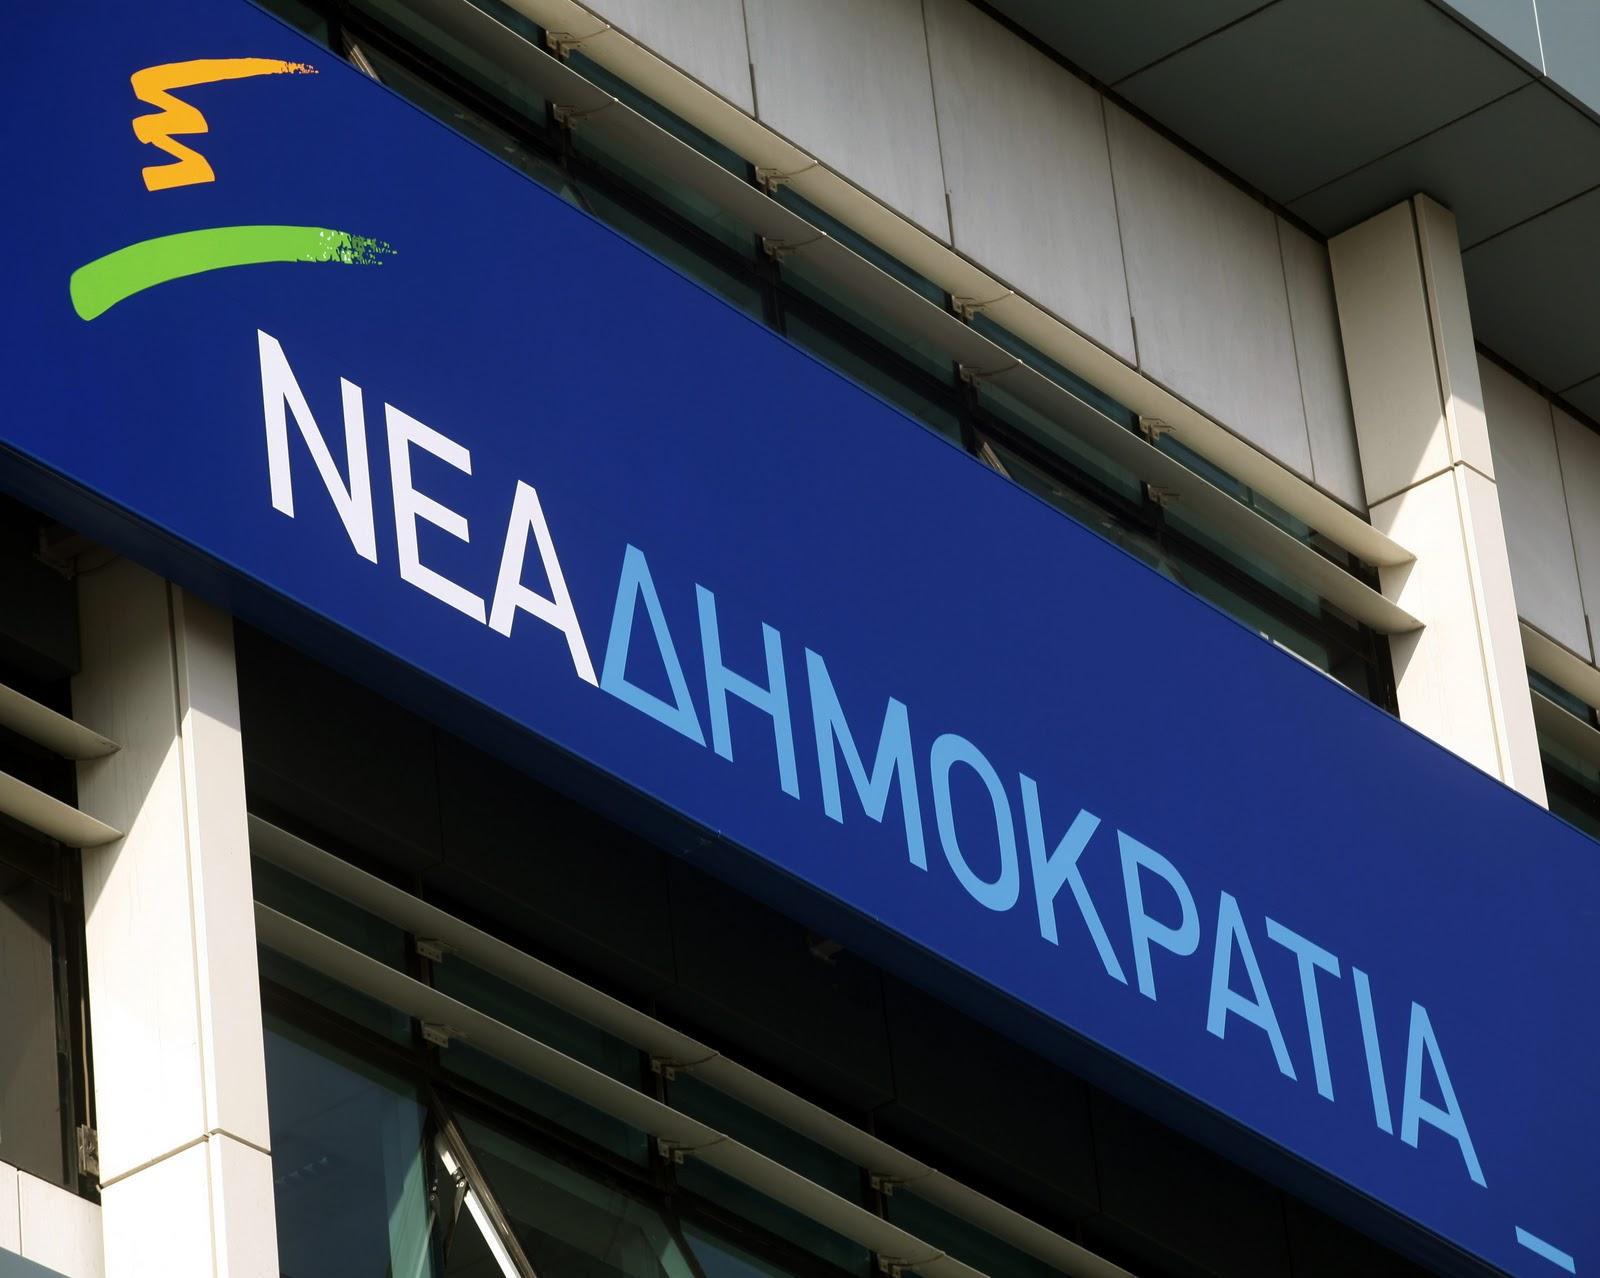 Βεσυρόπουλος: 1.000 περισσότερες κατασχέσεις ανά ημέρα σε σχέση με το 2016